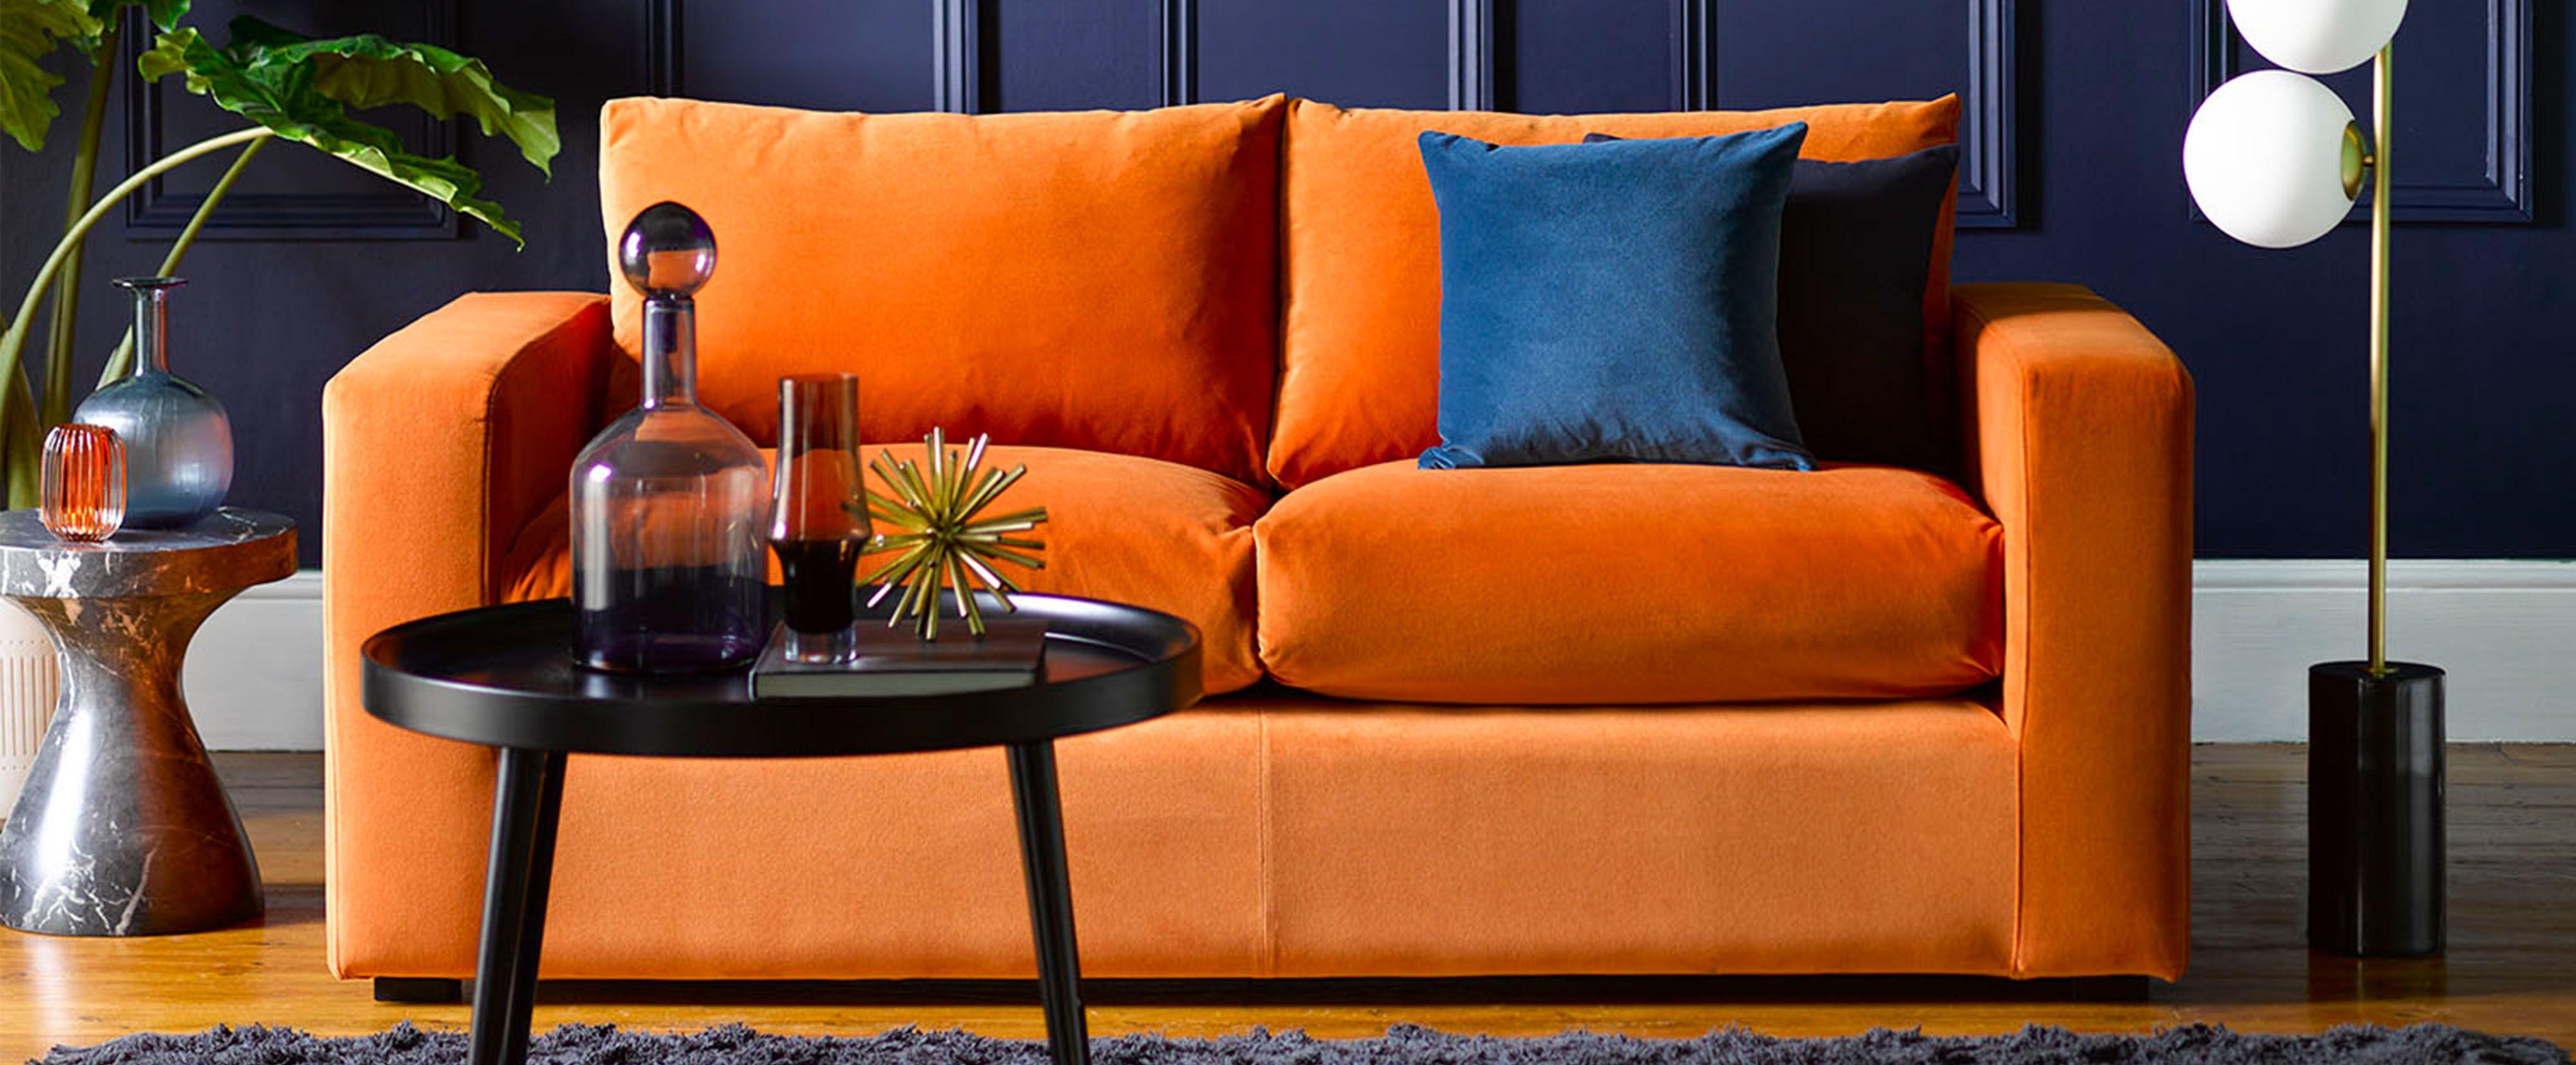 small-sofas.jpg